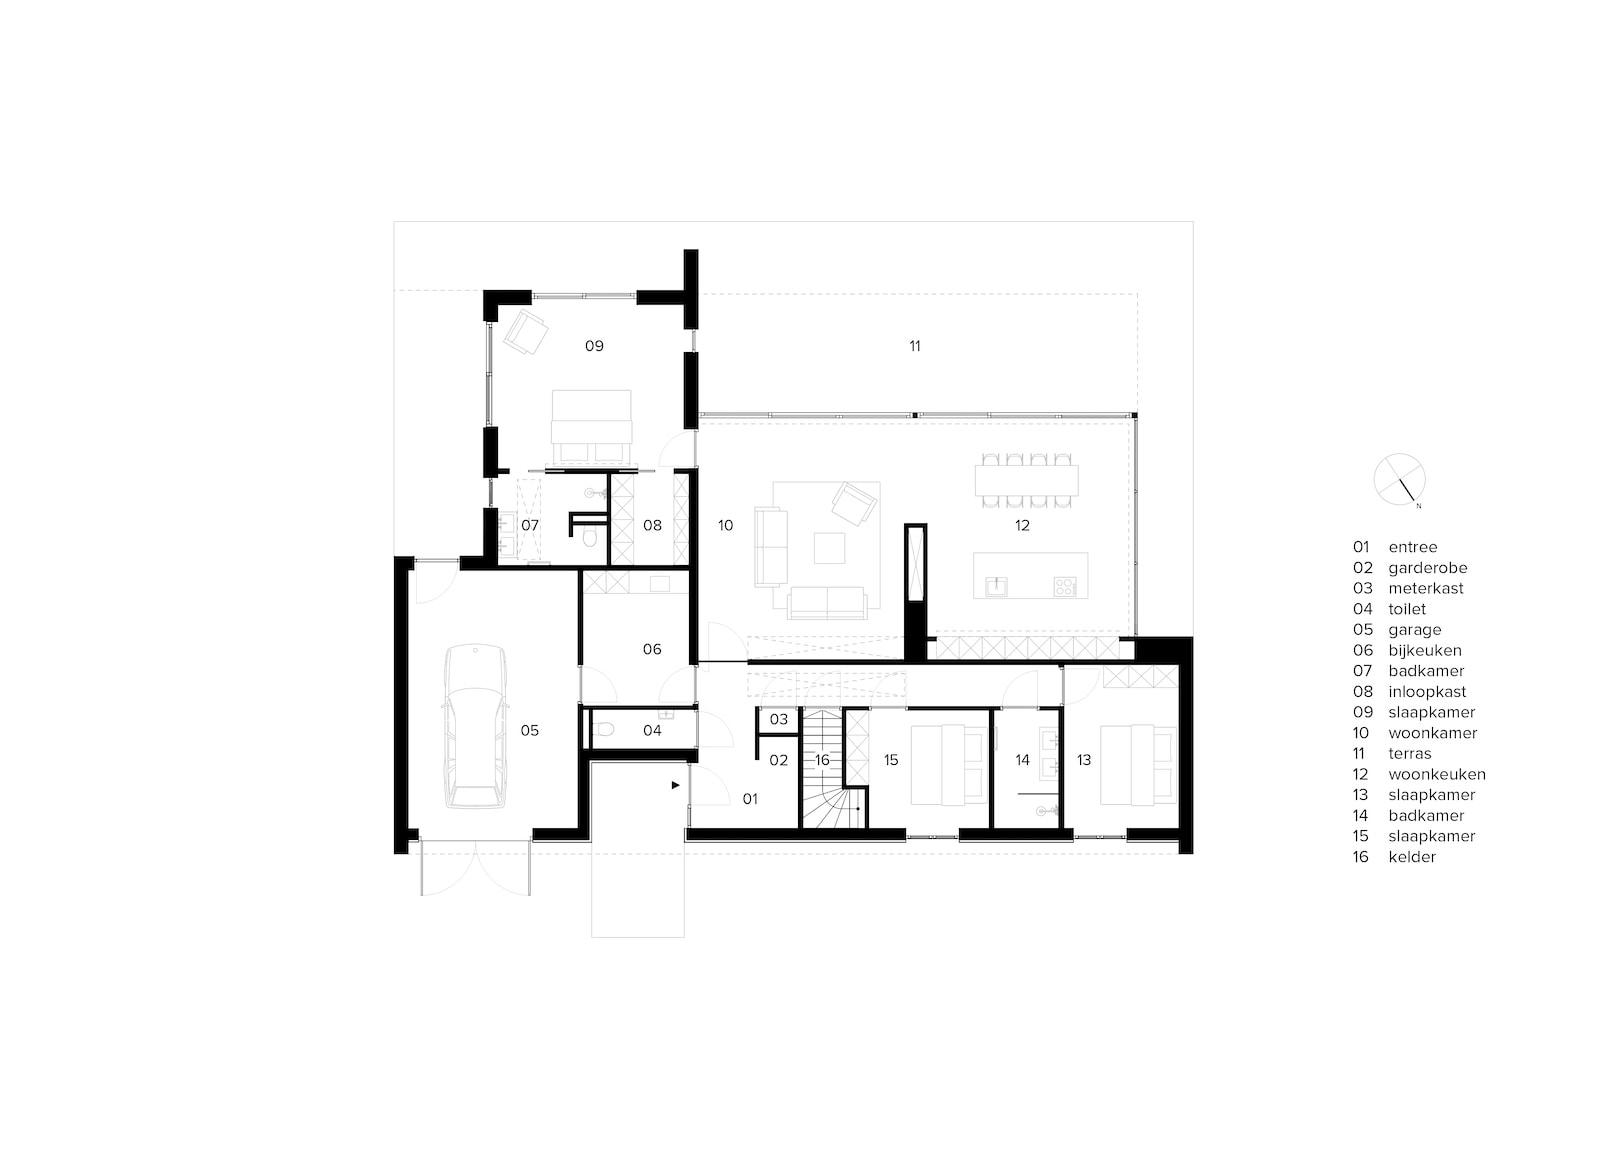 van-os-architecten-breda-nieuwbouw-moderne-bungalow-in-zichtwerk-natuurgevelsteen-en-gevelstucwerk-in-breda-plattegrond